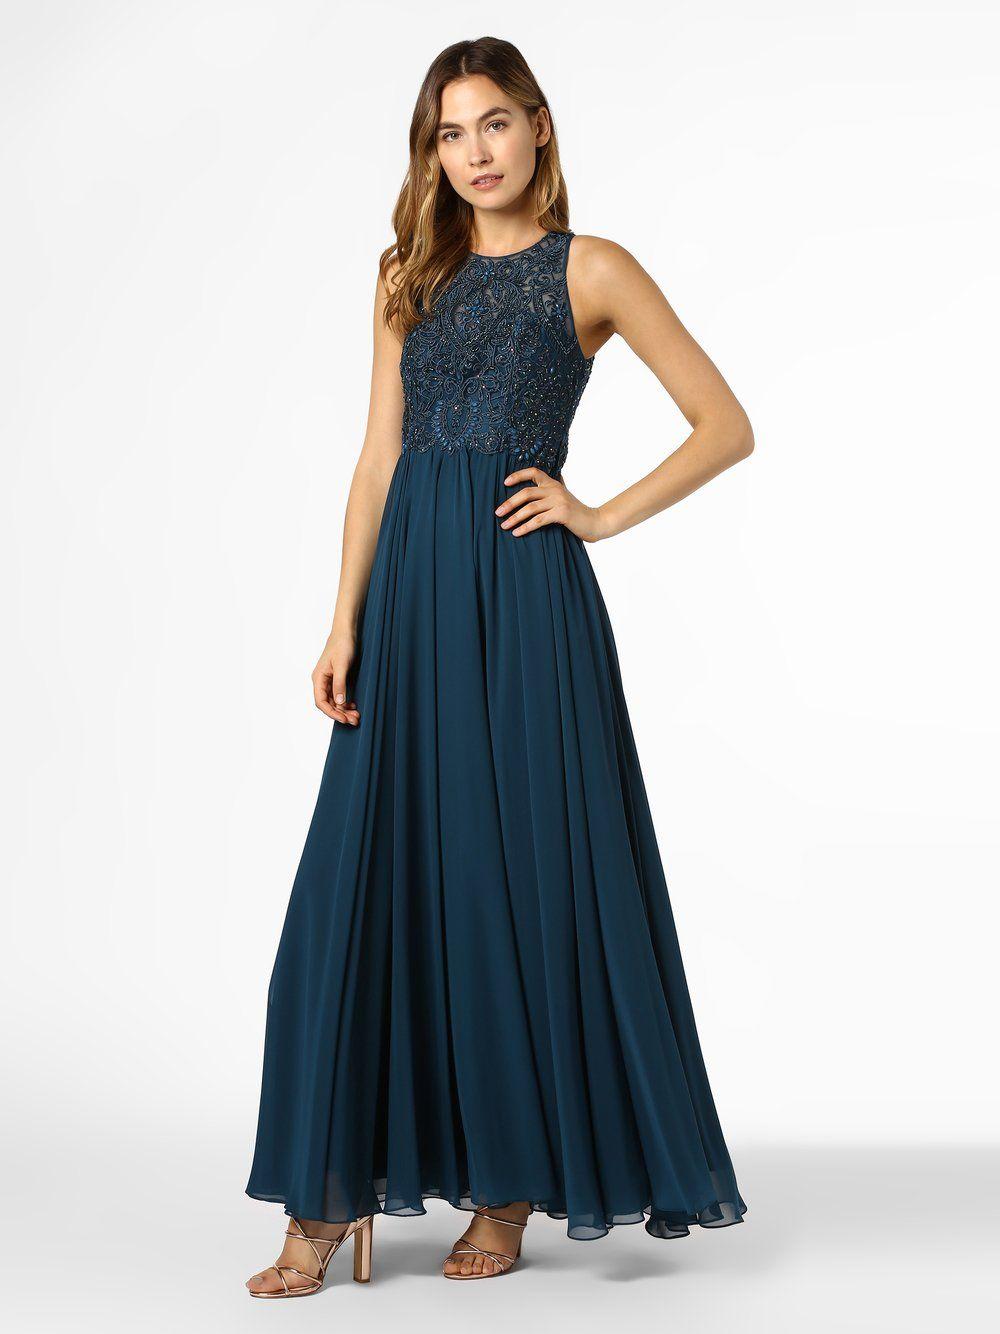 Laona Damen Abendkleid Online Kaufen In 2021 Abendkleid Abendkleid Gunstig Schone Abendkleider Lang